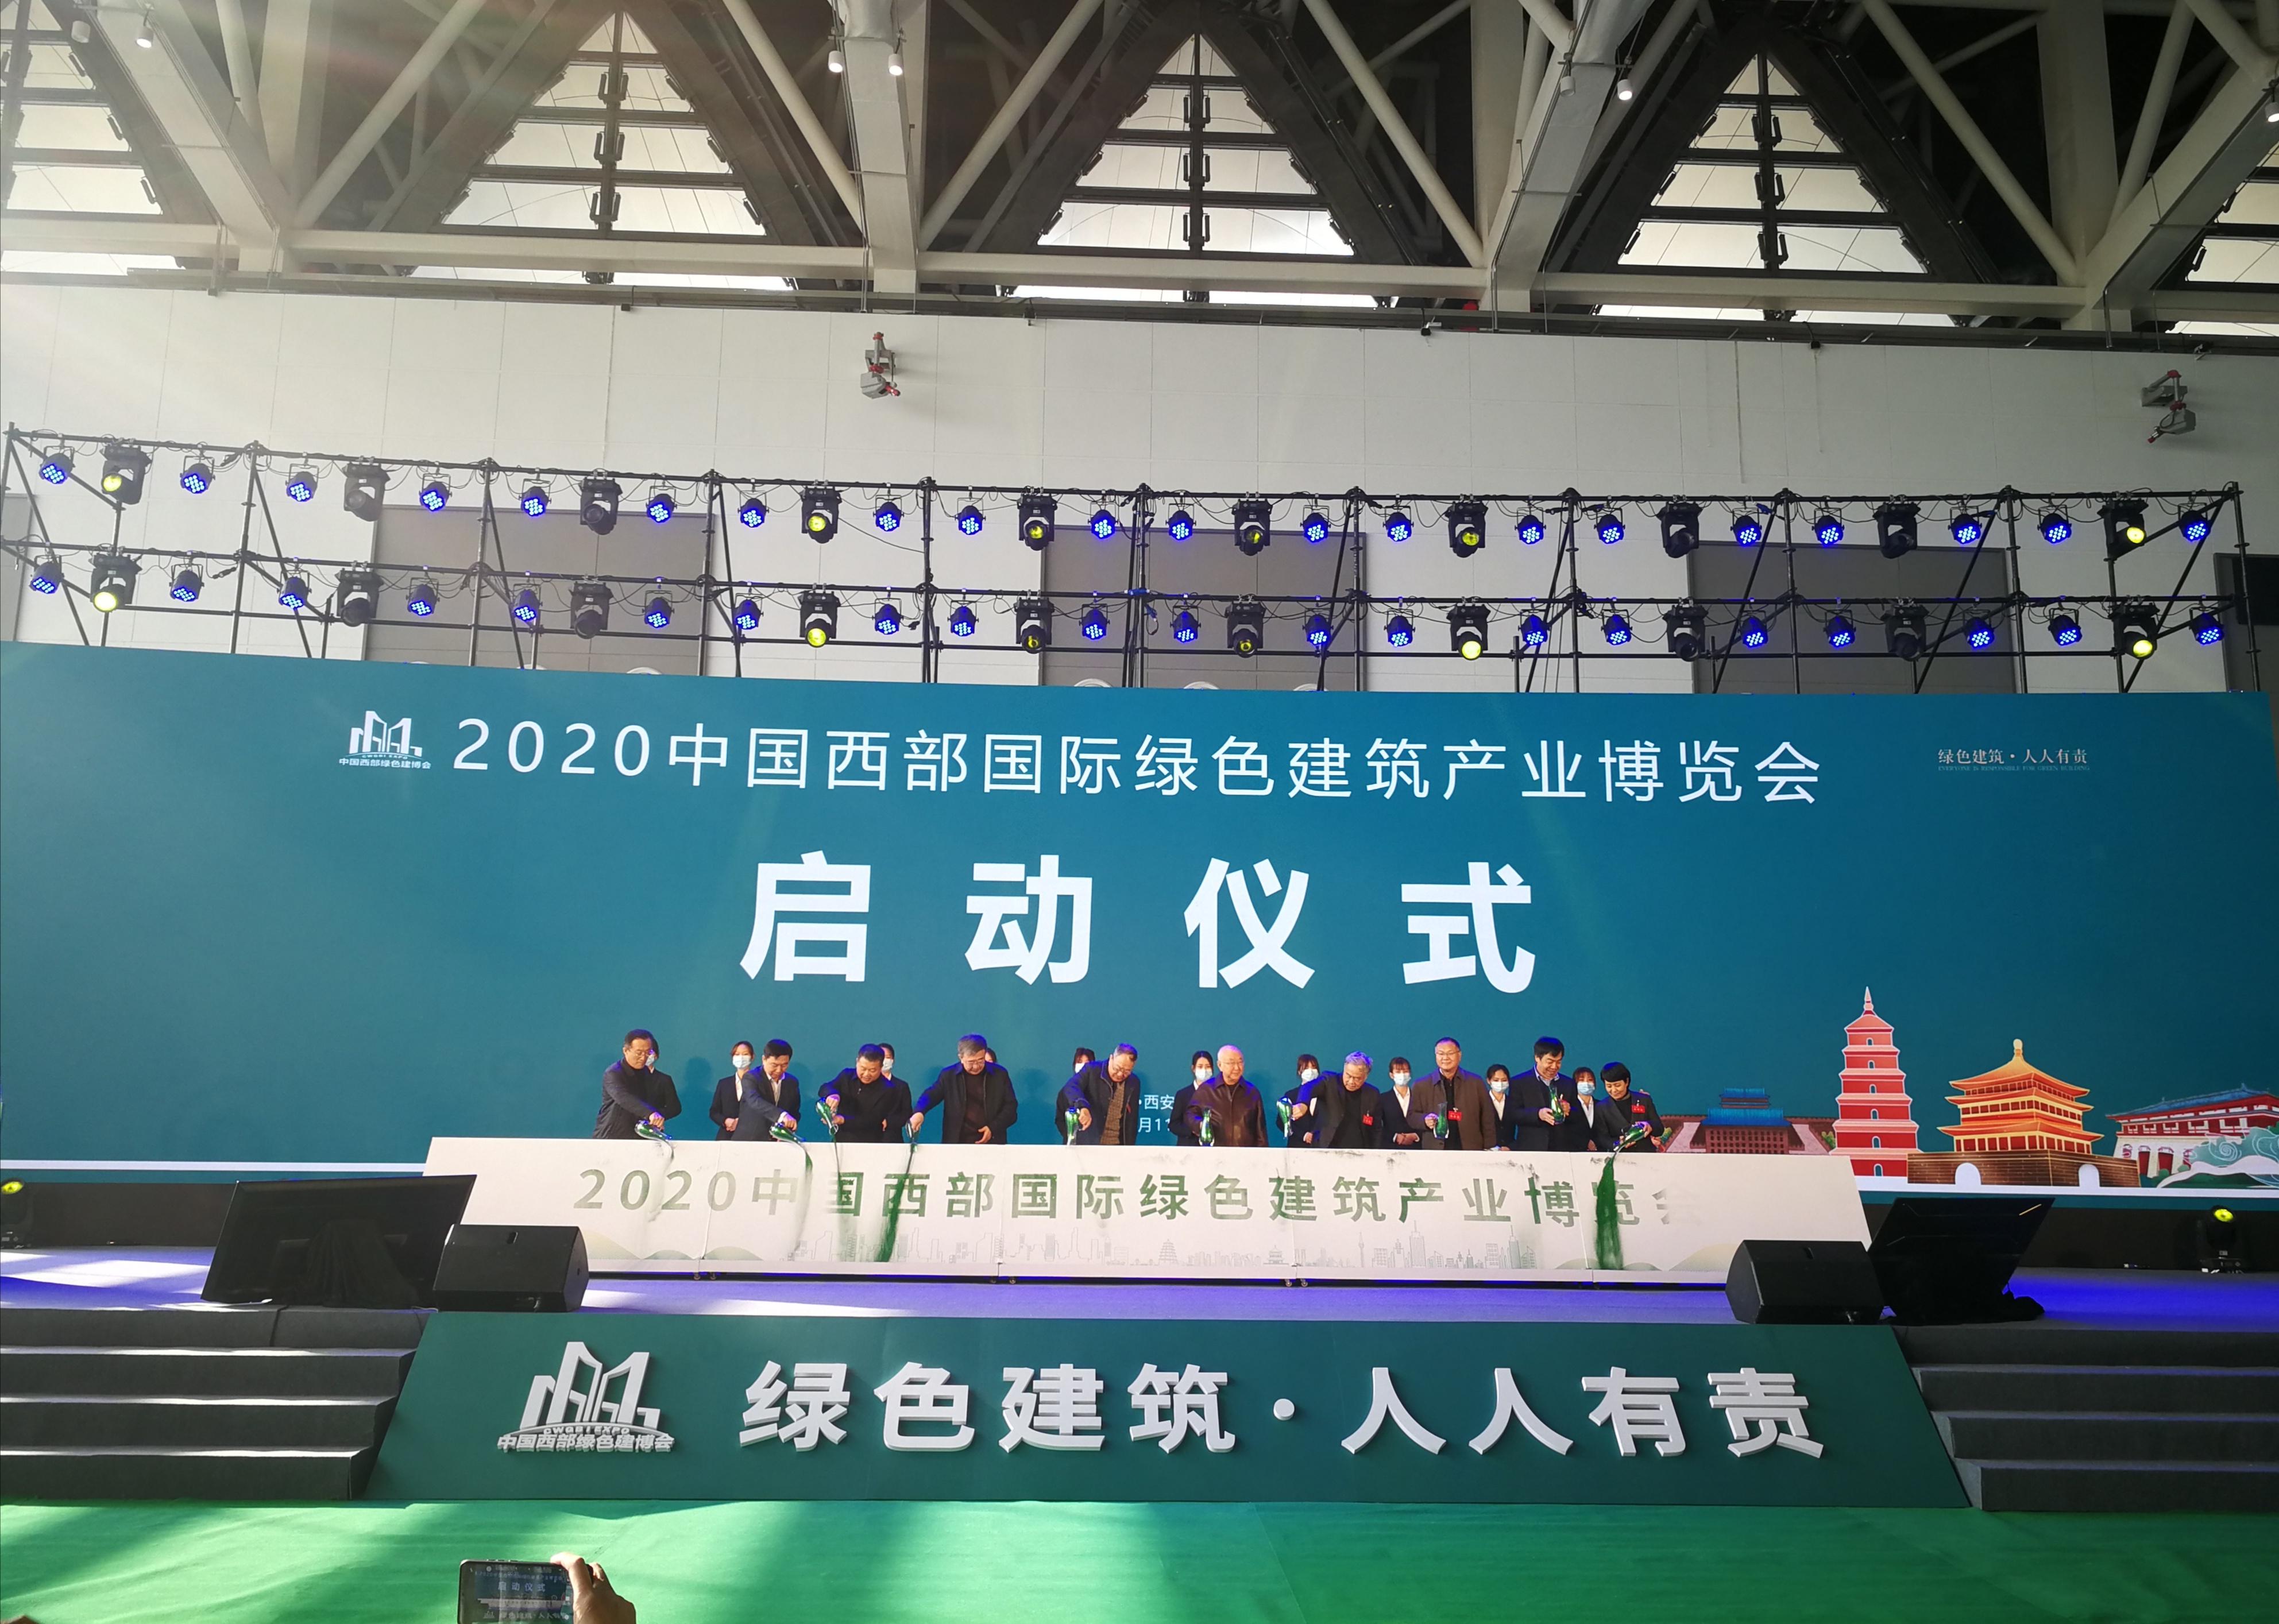 品牌经济助力陕西企业高质量发展――2020中国西部国际绿色建筑产业博览会在西安开幕(图2)